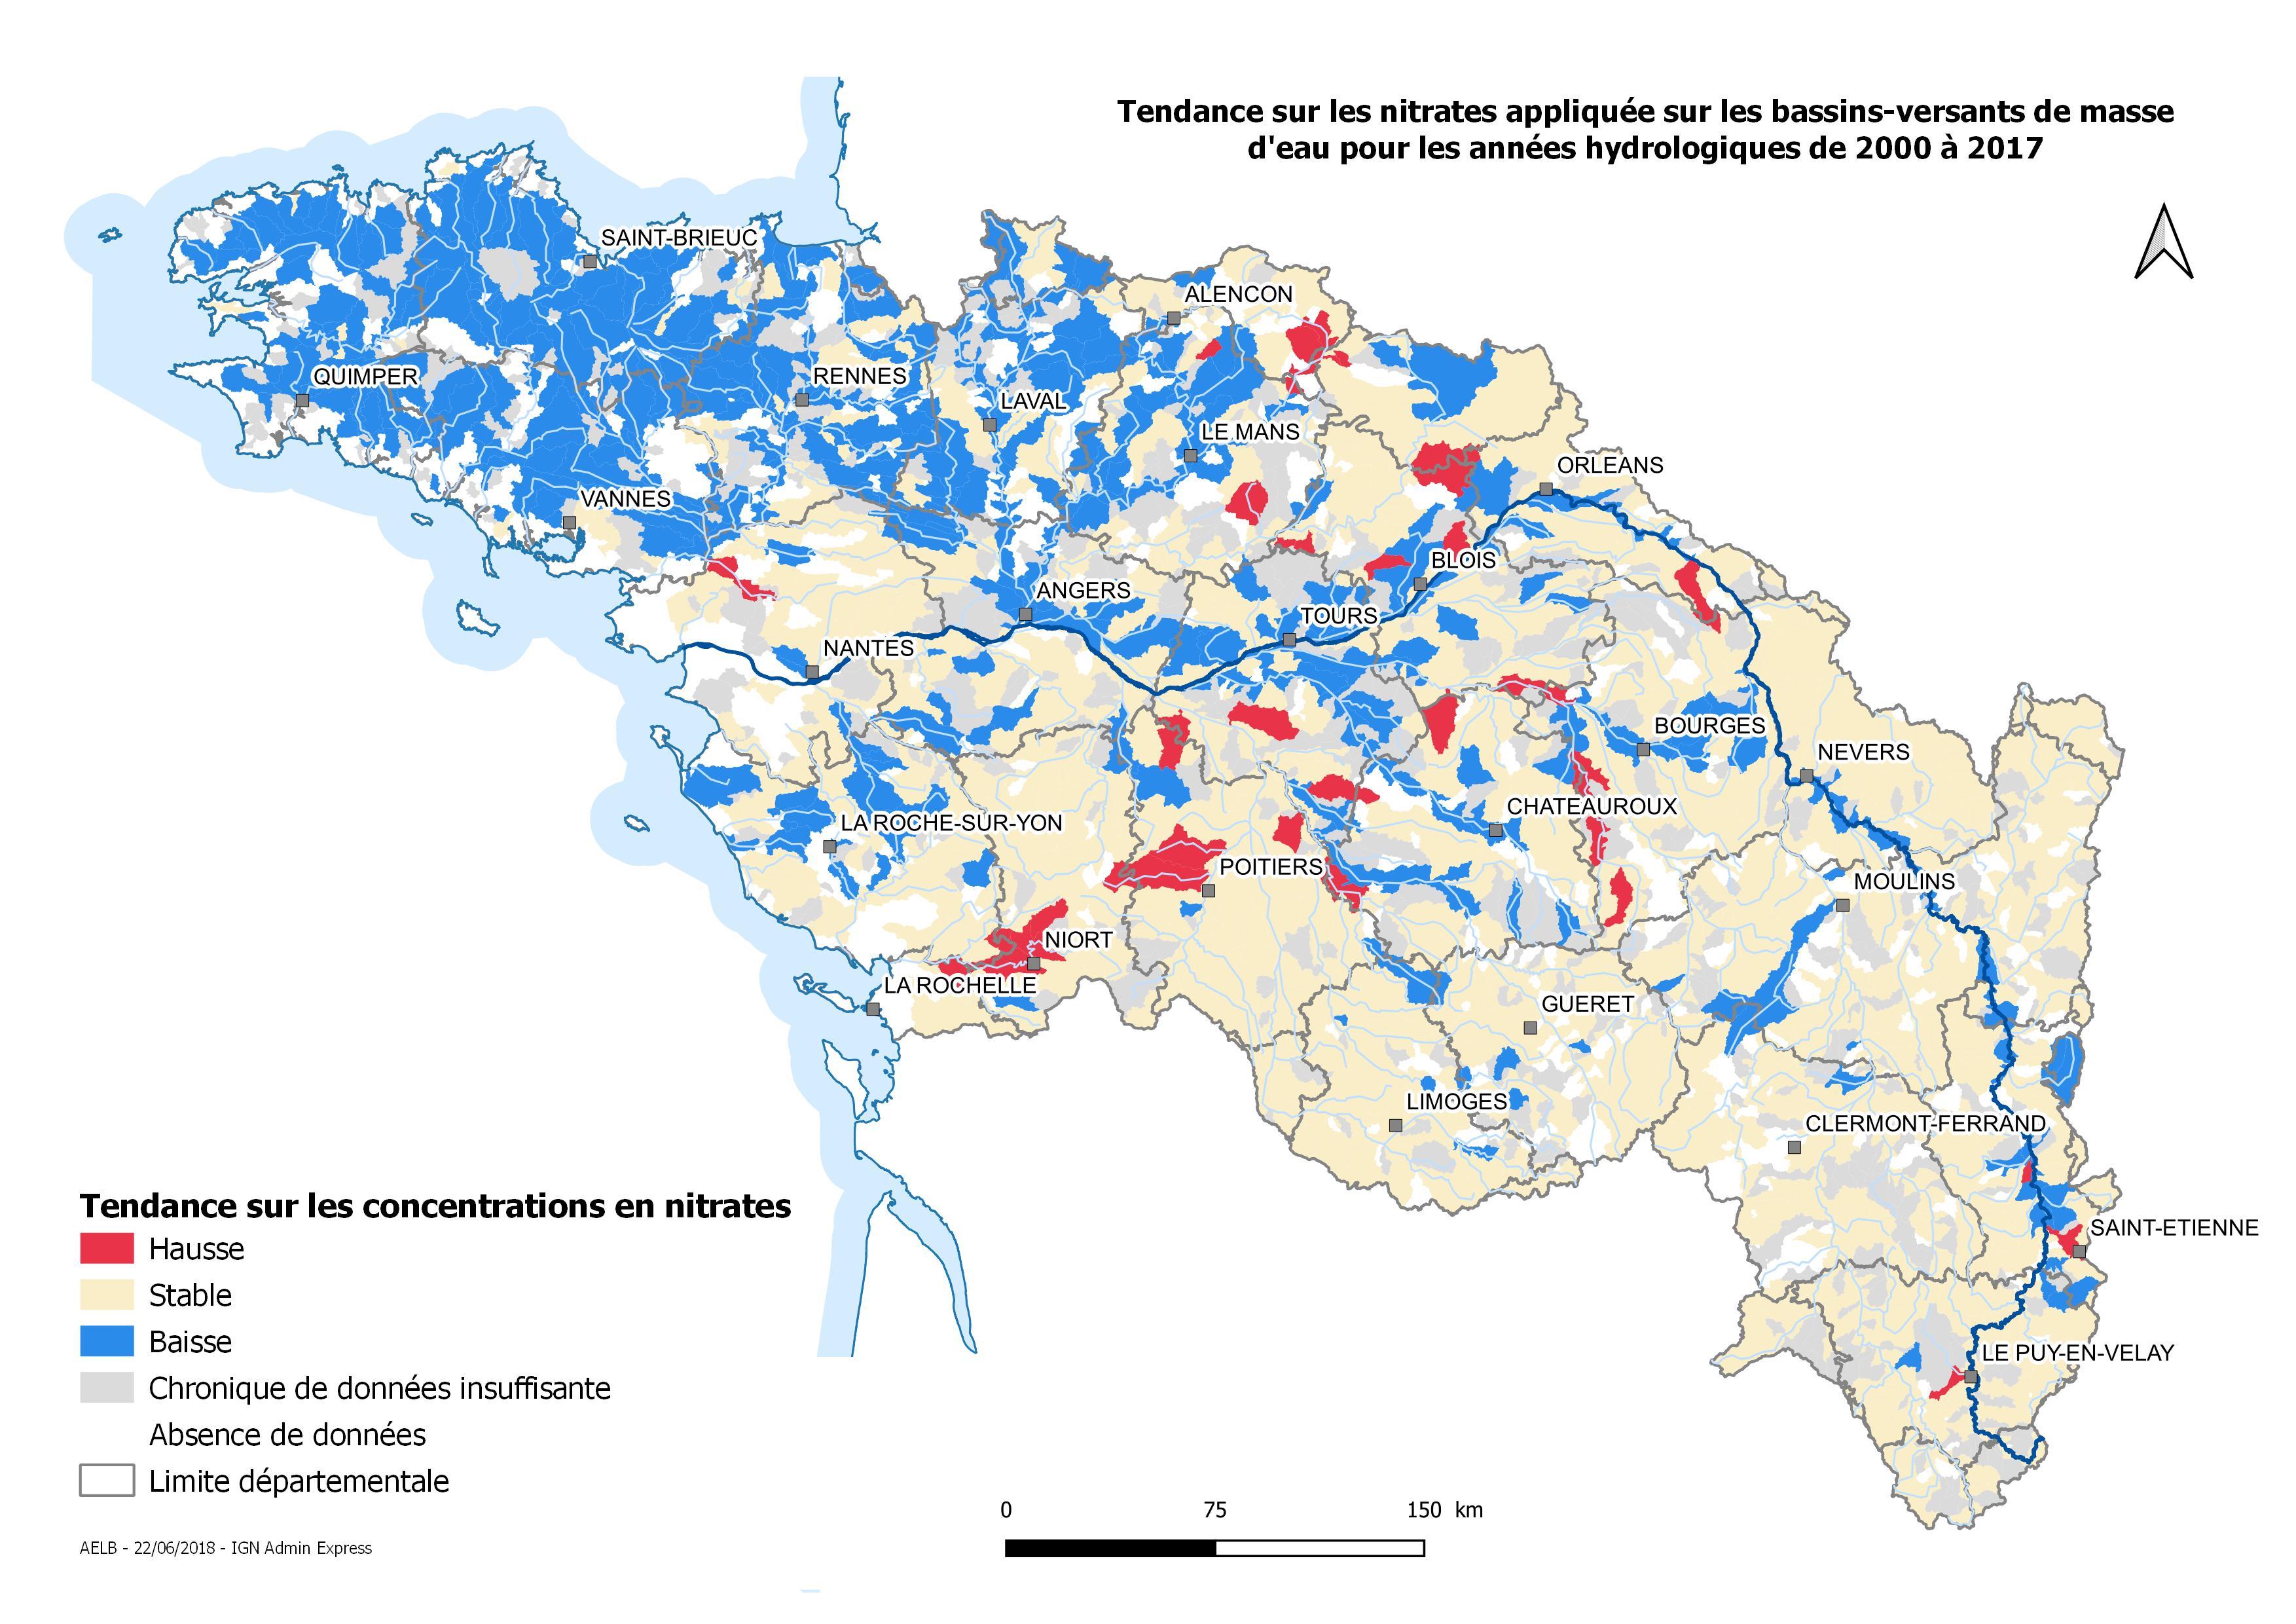 Évolution, de 2000 à 2017, de la concentration de nitrates sur les bassins versants des masses d'eau